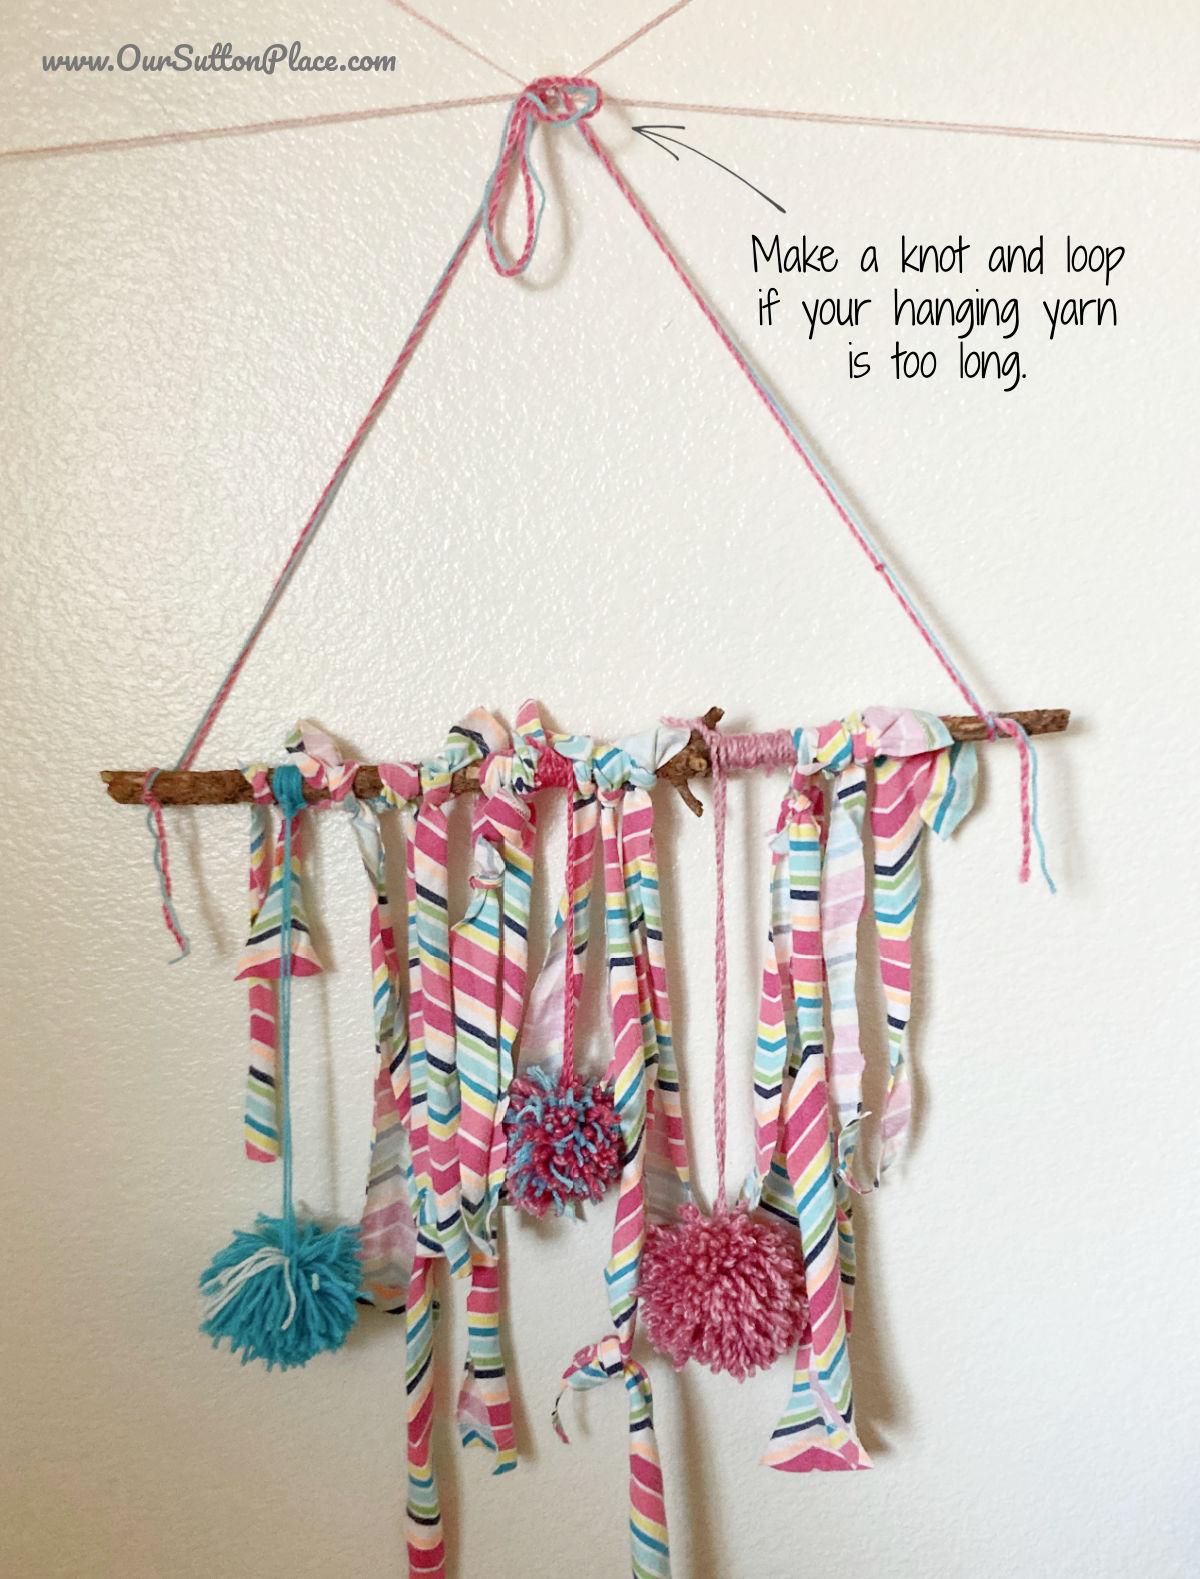 wall hanging tying tip